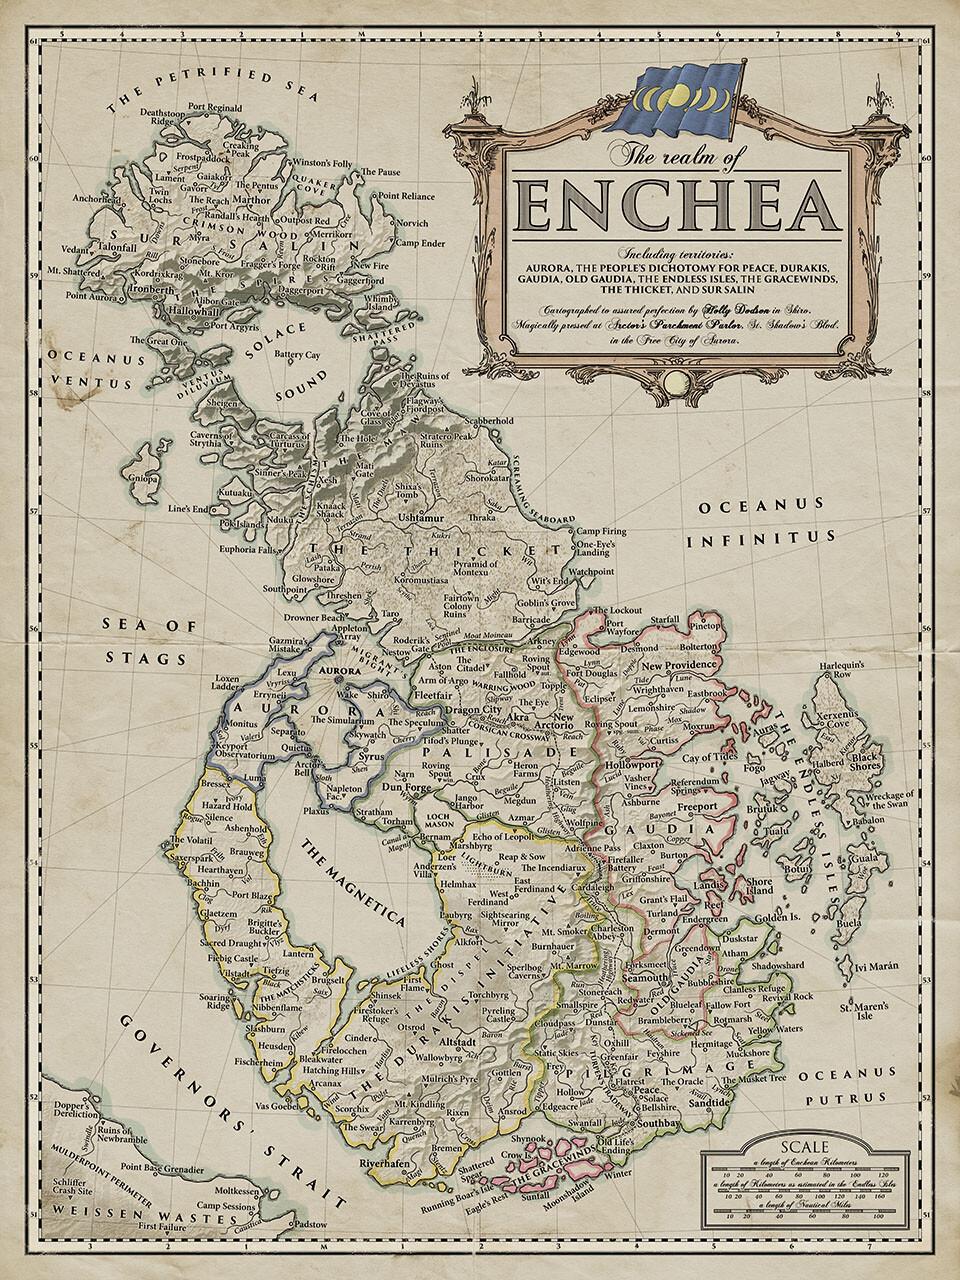 Enchea